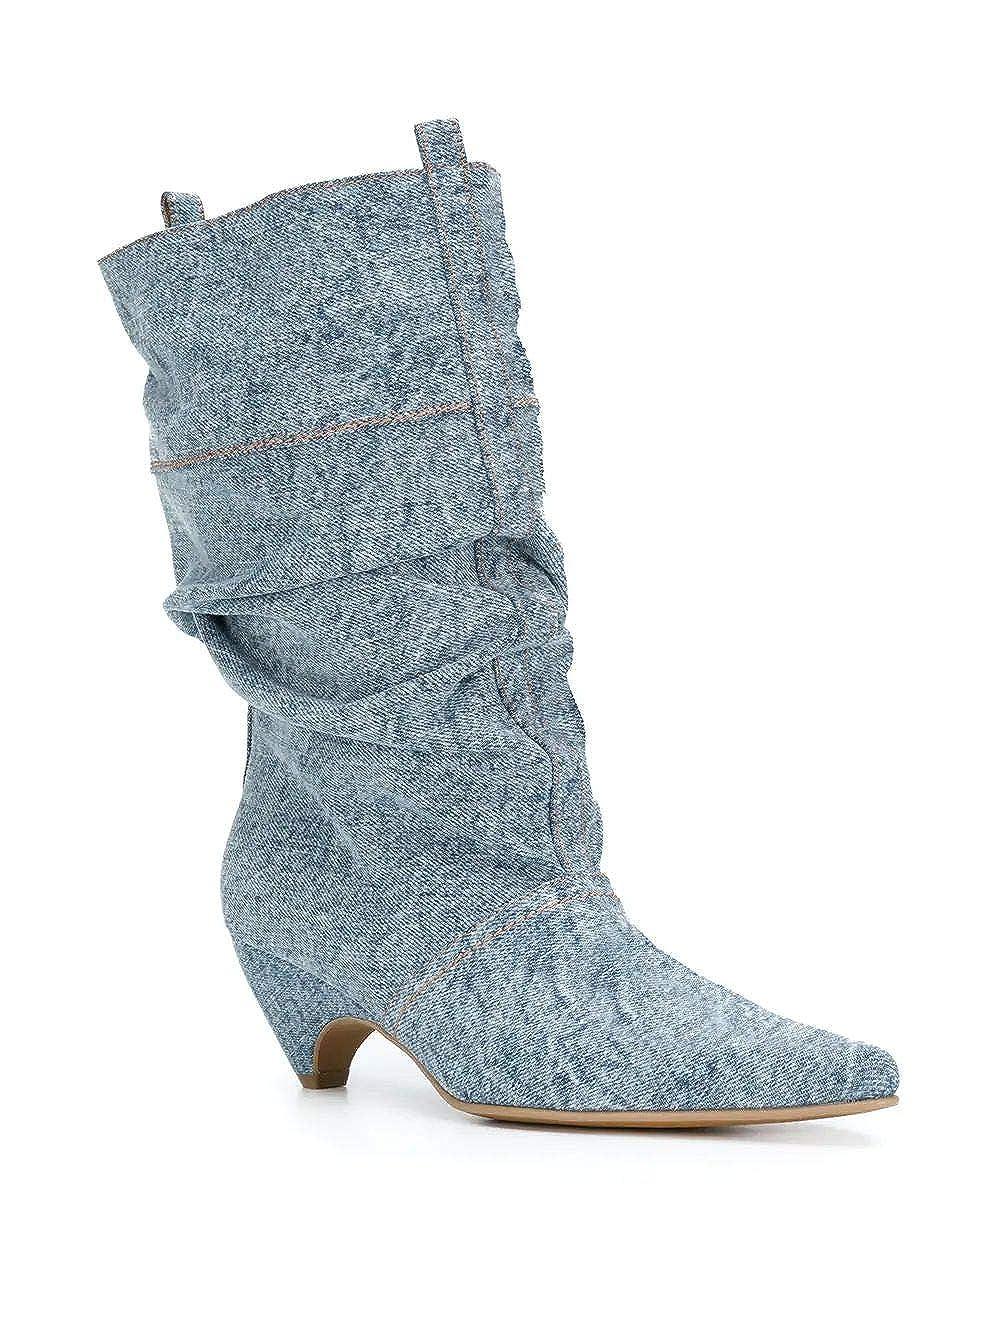 Stella McCartney Damen Damen Damen 515451W1EW04071 Blau Baumwolle Stiefeletten 4d7951